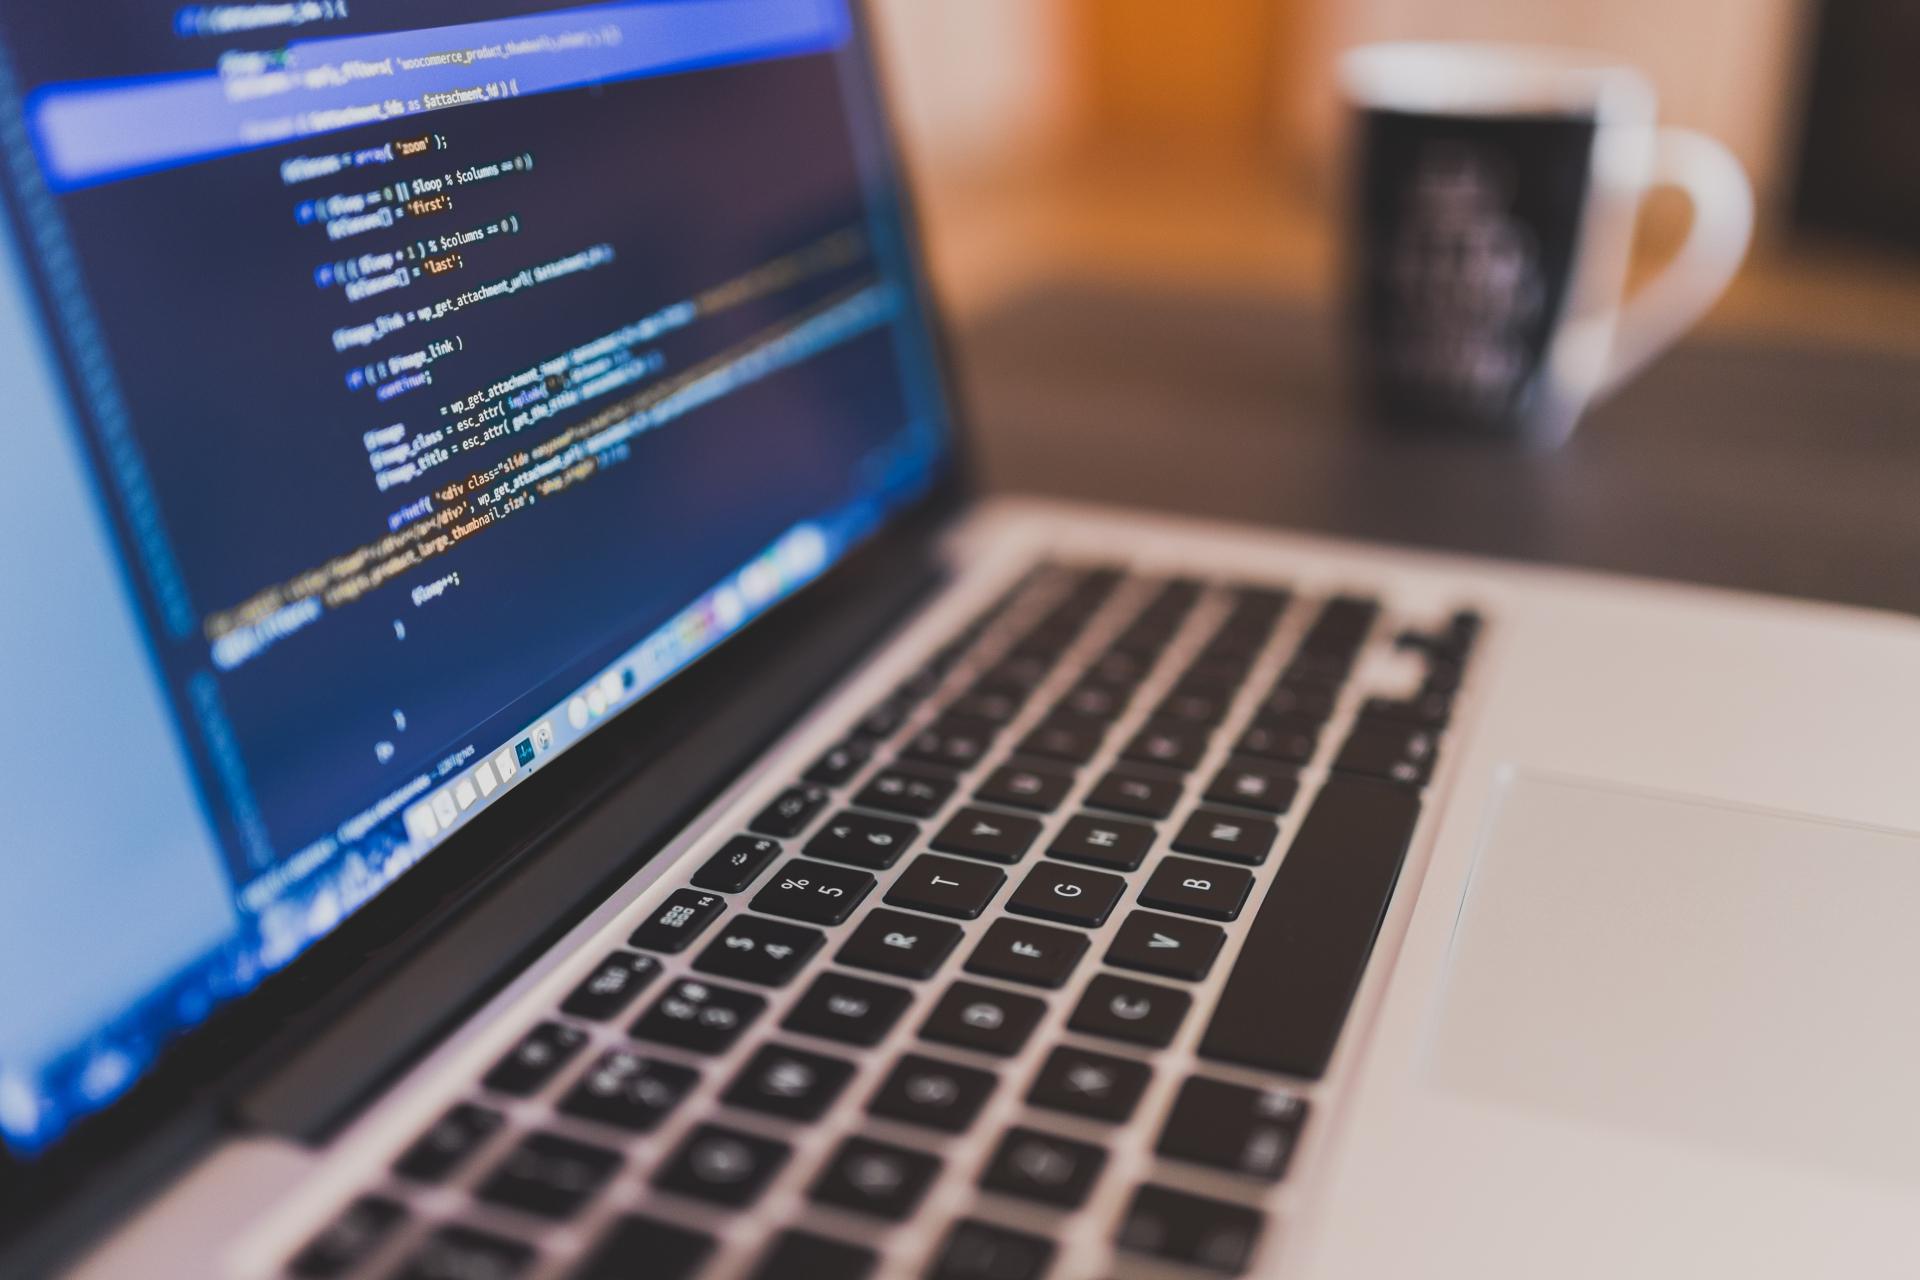 Webseitenbetreiber haften für verlinkte Inhalte